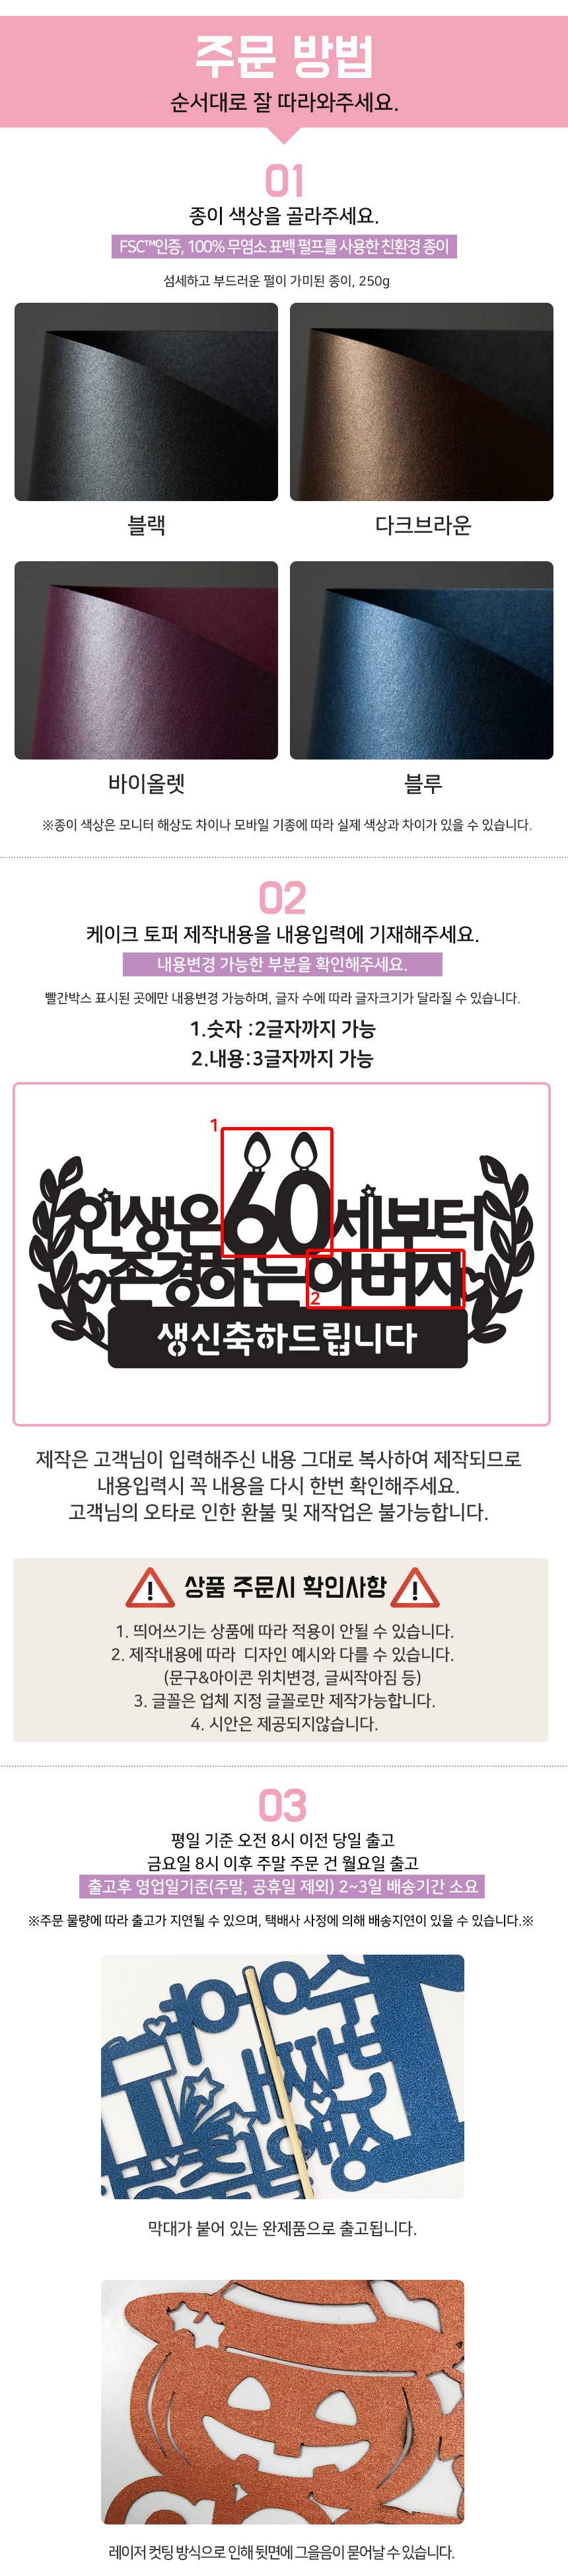 생신토퍼1 환갑잔치 부모님생신 케이크토퍼 - 네임코코, 4,900원, 파티용품, 데코/장식용품